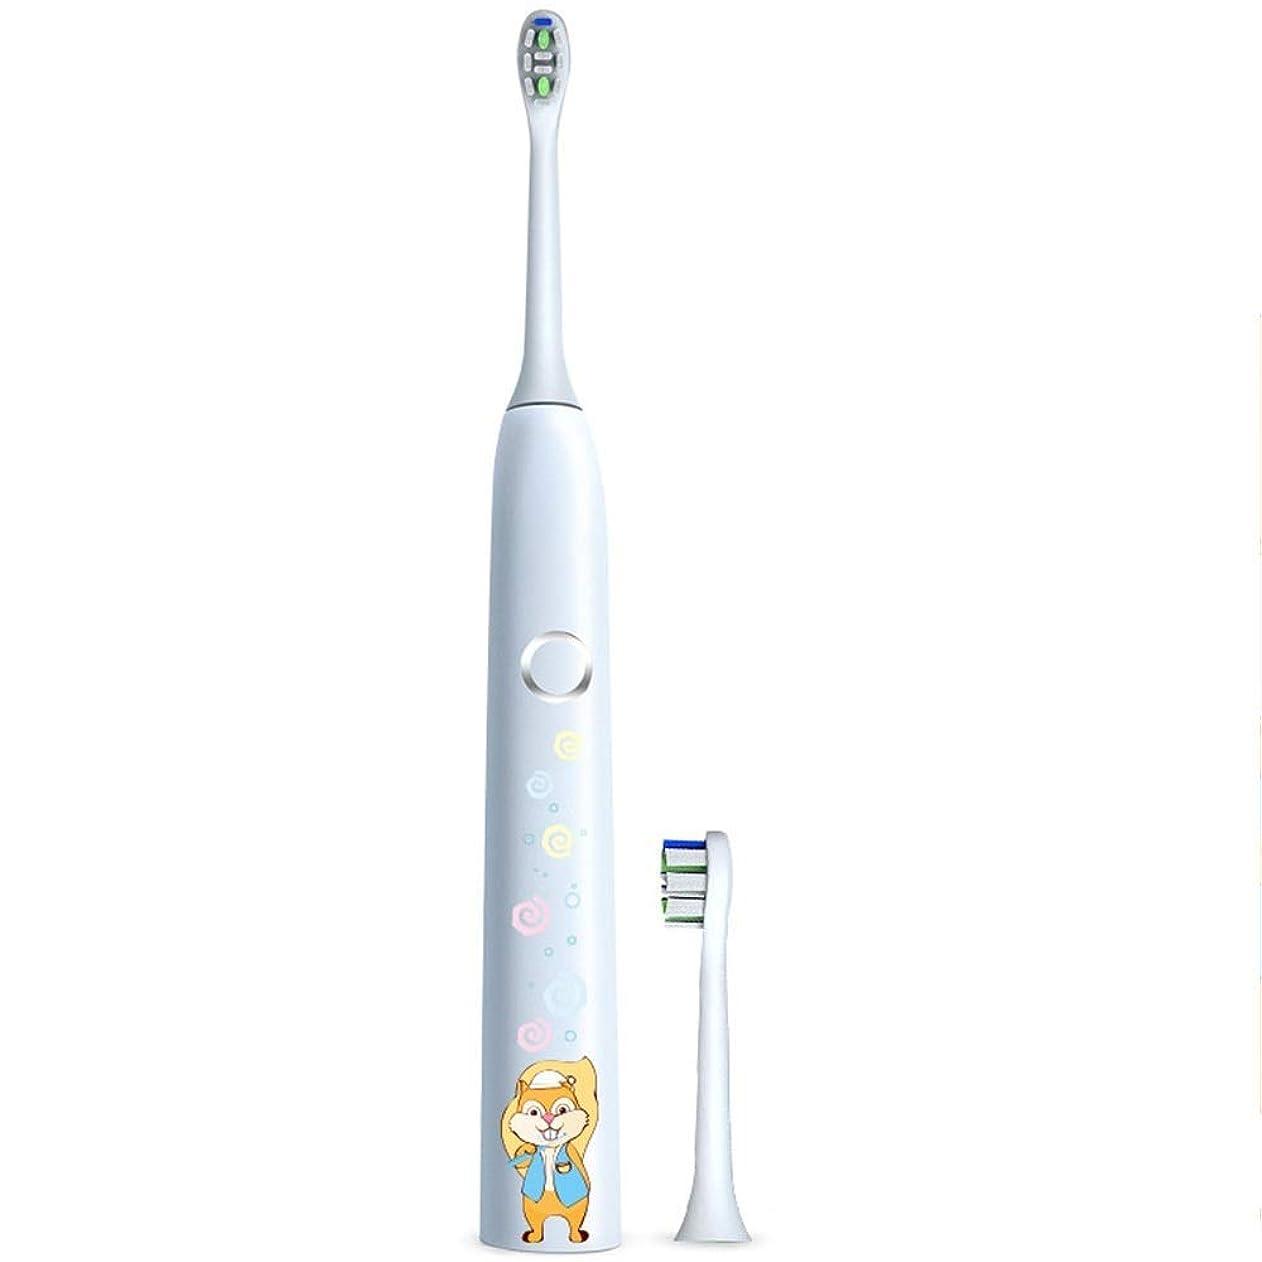 気質不健康簡単に電動歯ブラシ 子供の電動歯ブラシ保護クリーンUSB充電式ソフトヘア歯ブラシ歯医者推奨 ケアー プロテクトクリーン (色 : 白, サイズ : Free size)